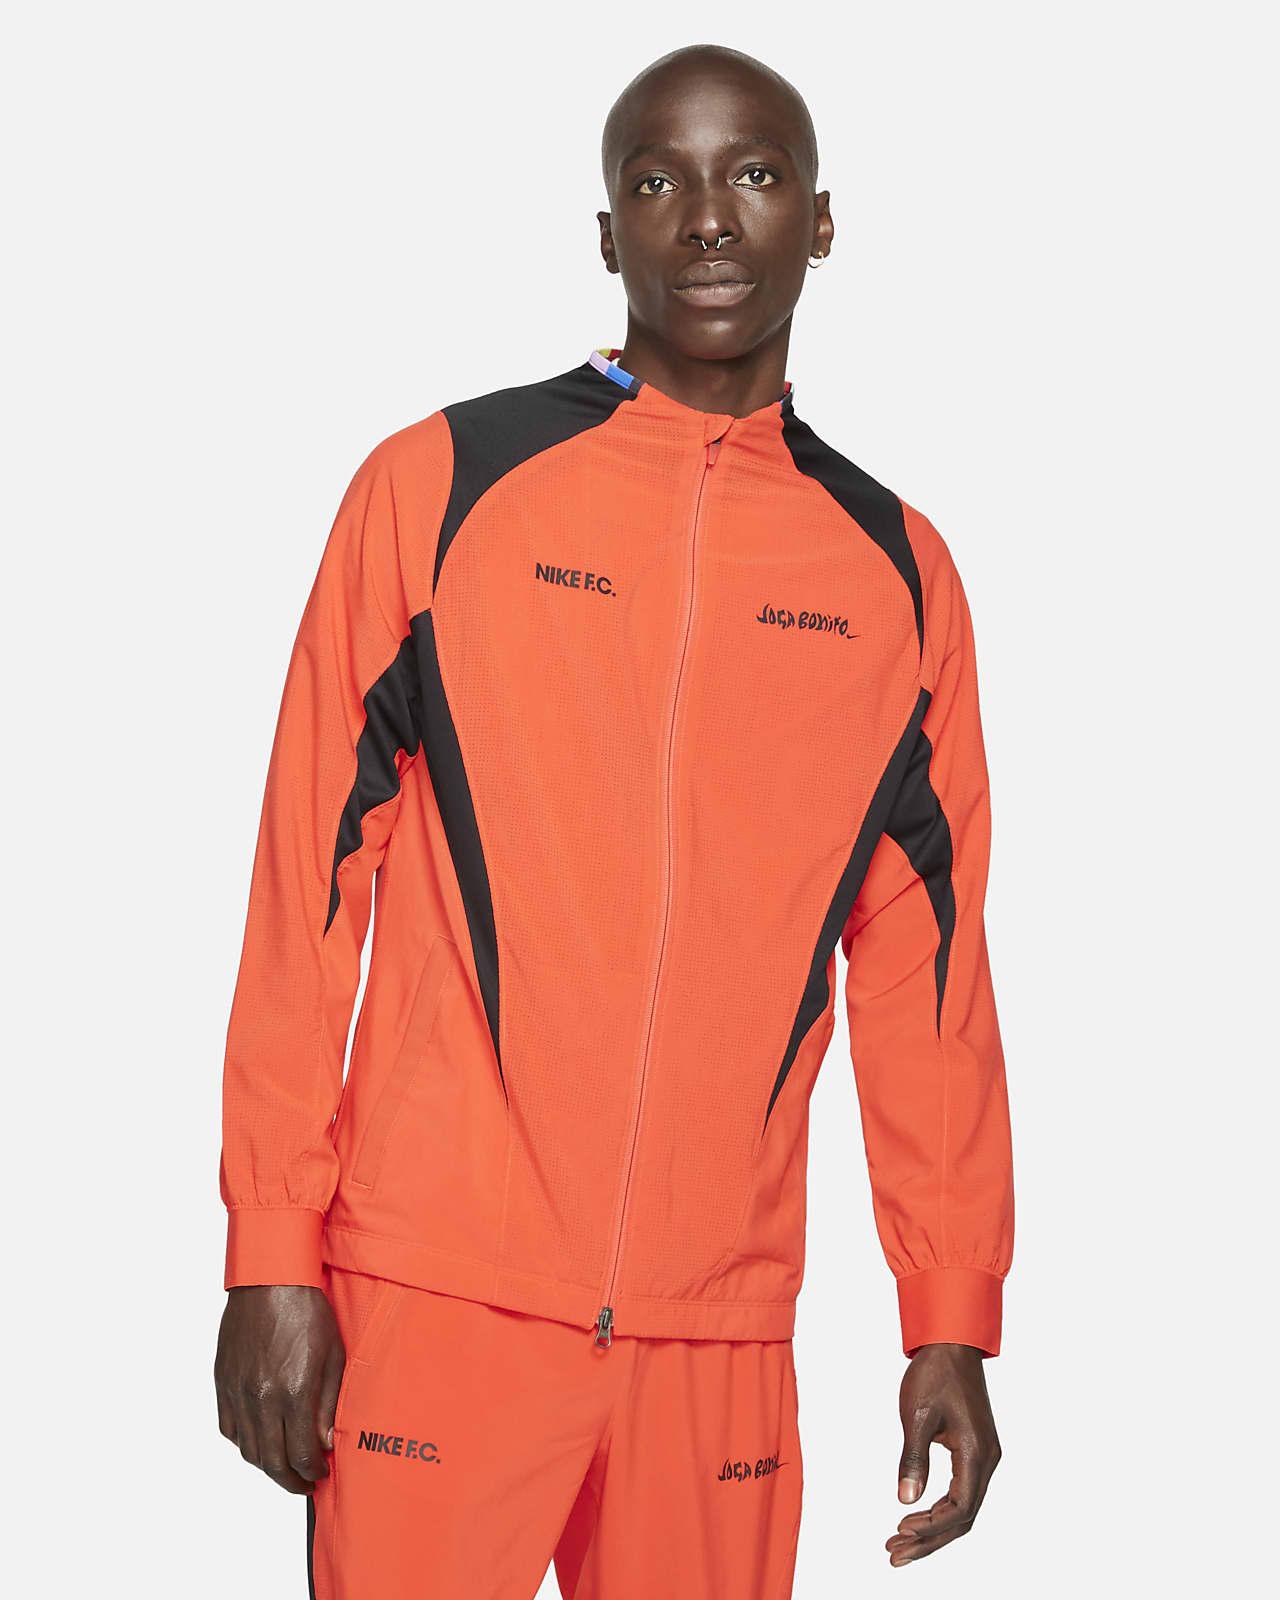 Ανδρικό υφαντό ποδοσφαιρικό τζάκετ Nike F.C.